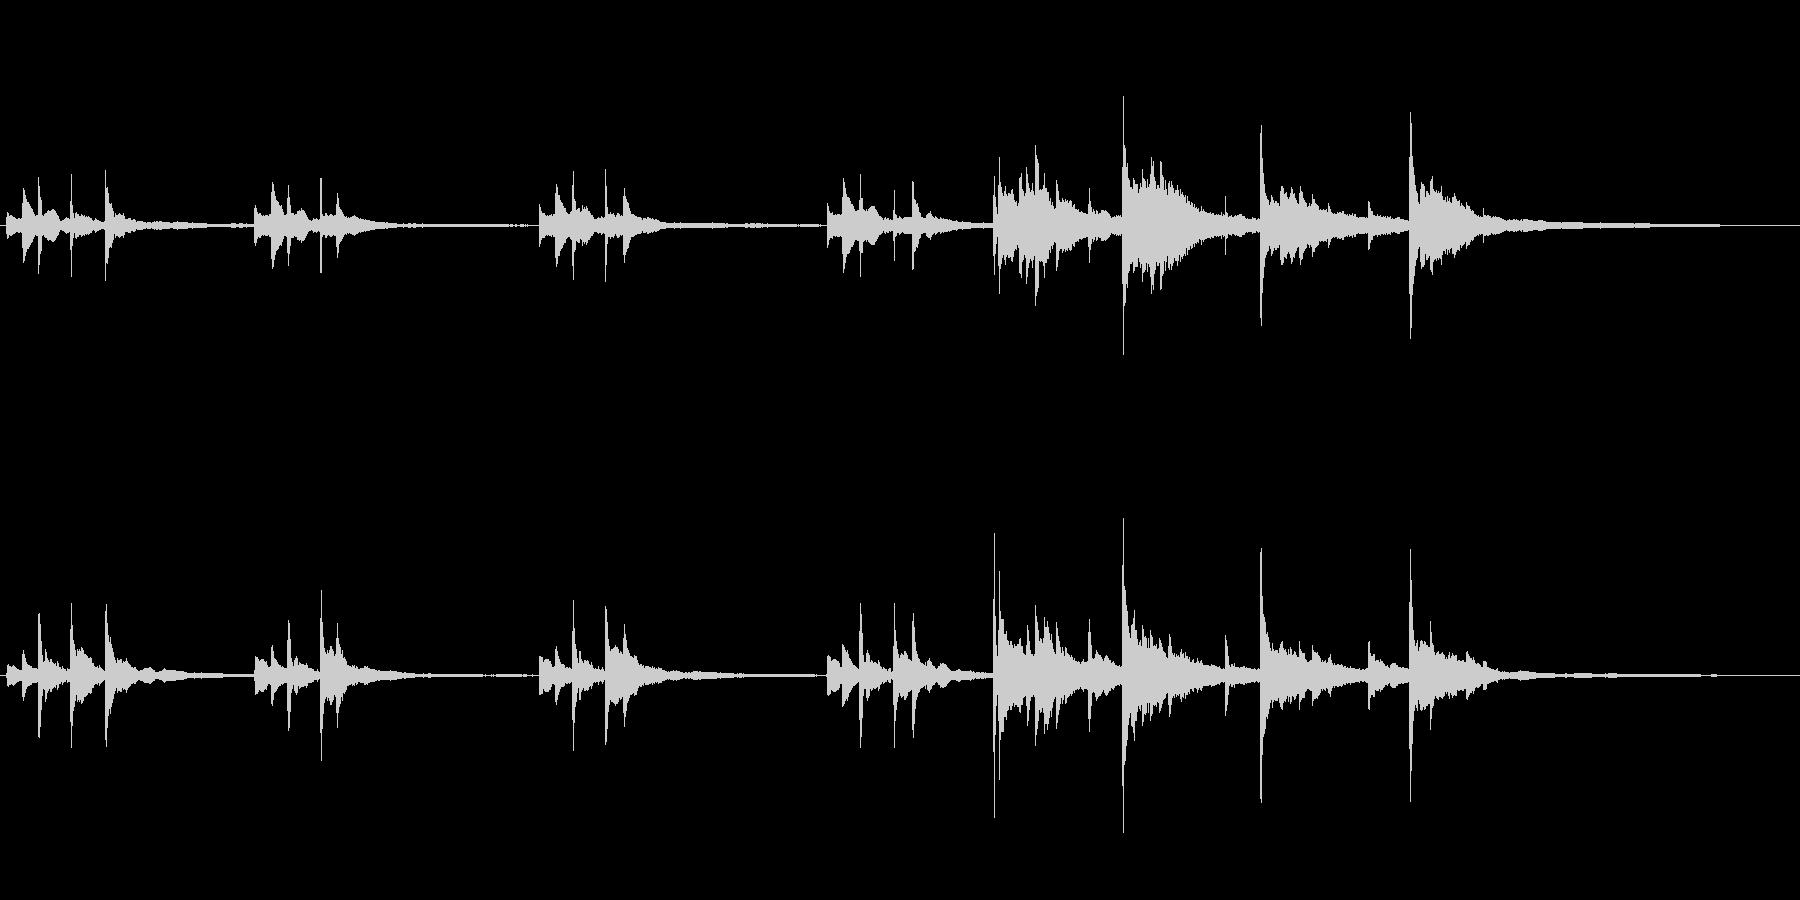 切ないピアノソロ(後半は強め)の未再生の波形